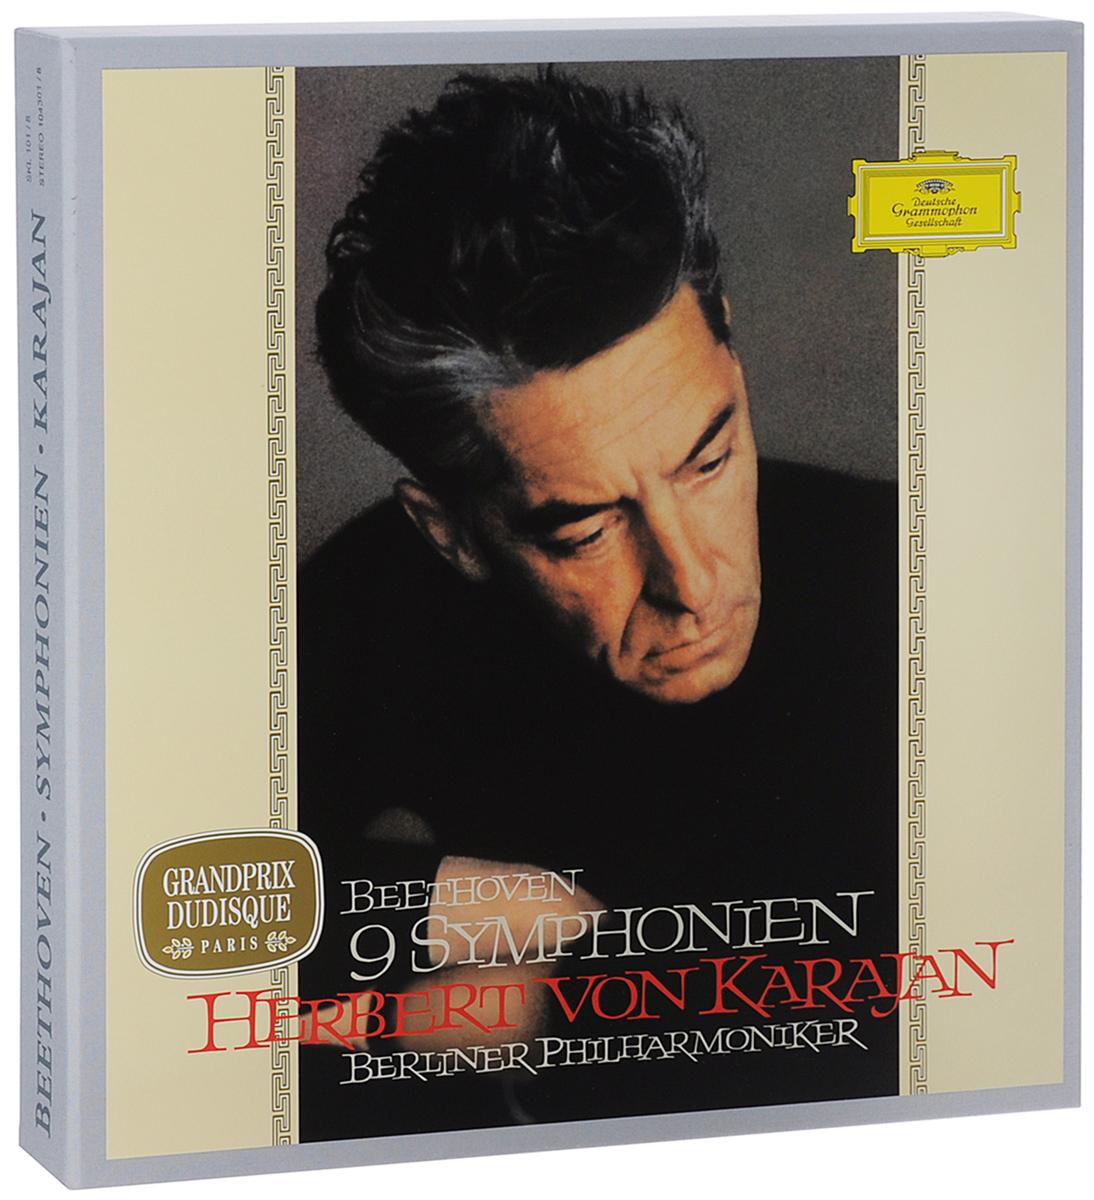 Герберт Караян,Berliner Philharmoniker Herbert von Karajan. Beethoven. 9 Symphonien. Limited Edition (8 LP) bruckner herbert von karajan symphonies 8